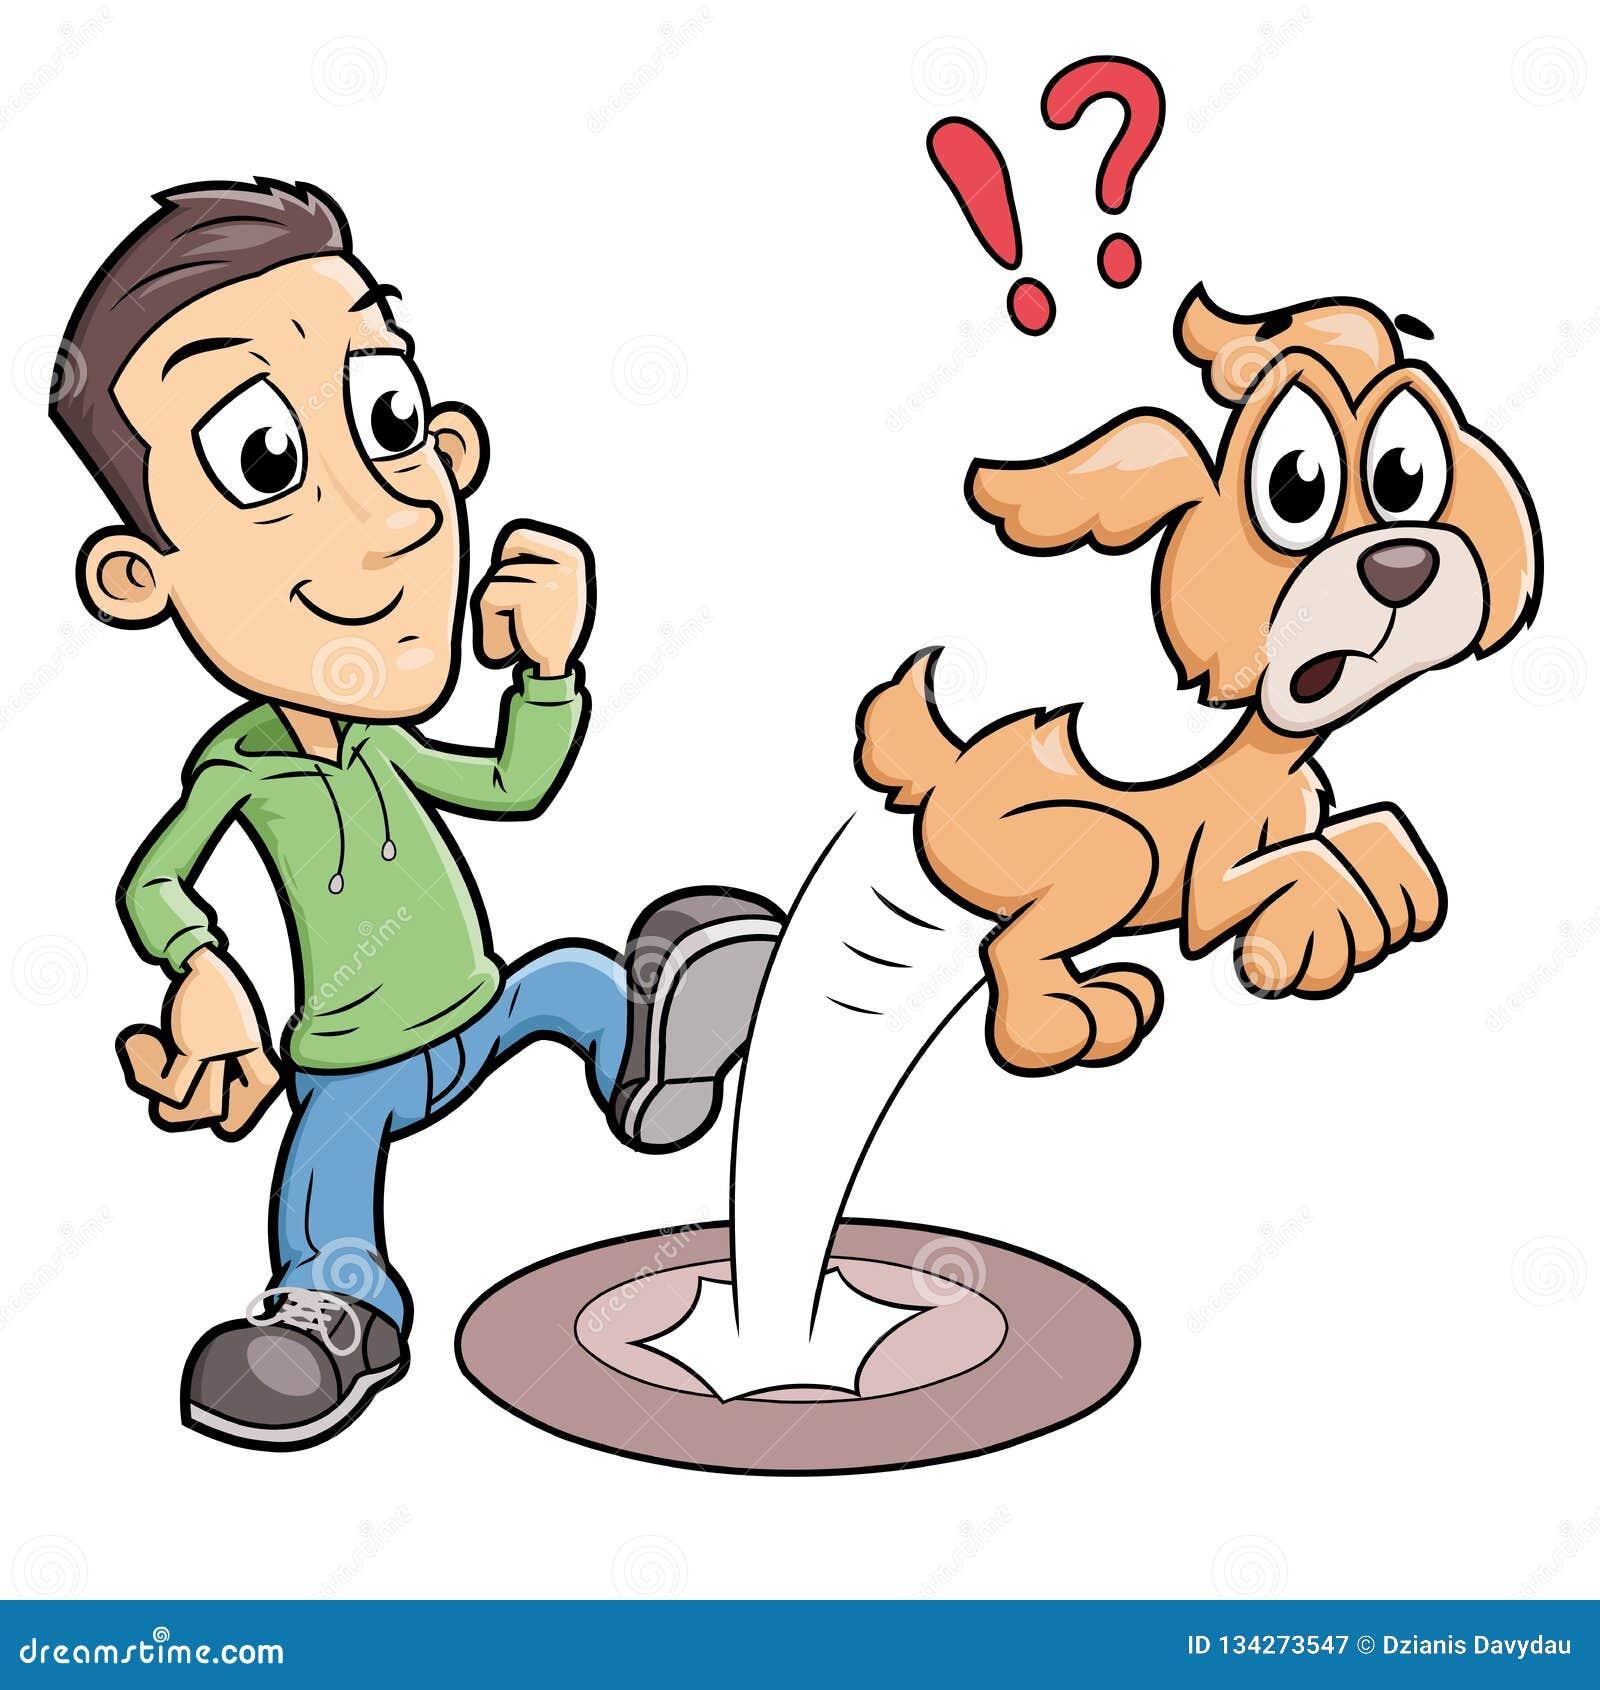 Σημάνετε το αγόρι που κλωτσά ένα σκυλί